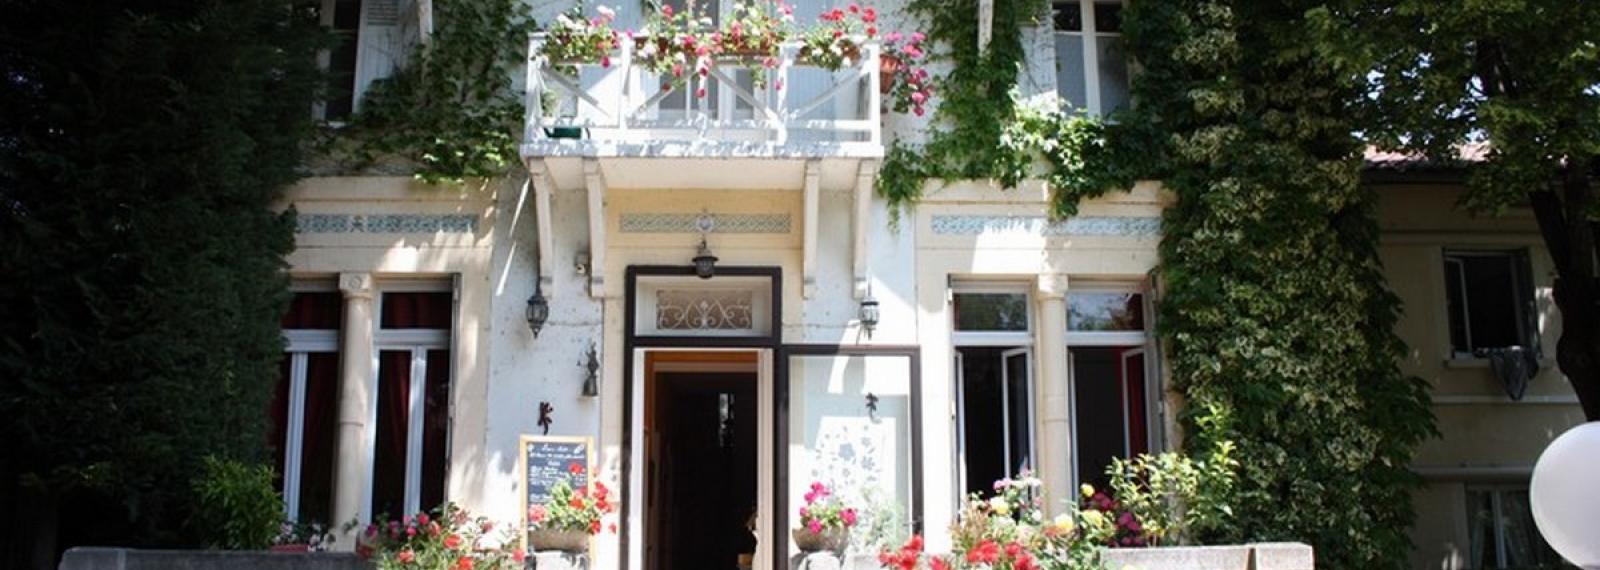 Hôtel Le Chalet Fleuri à Saint-Rémy-de-Provence